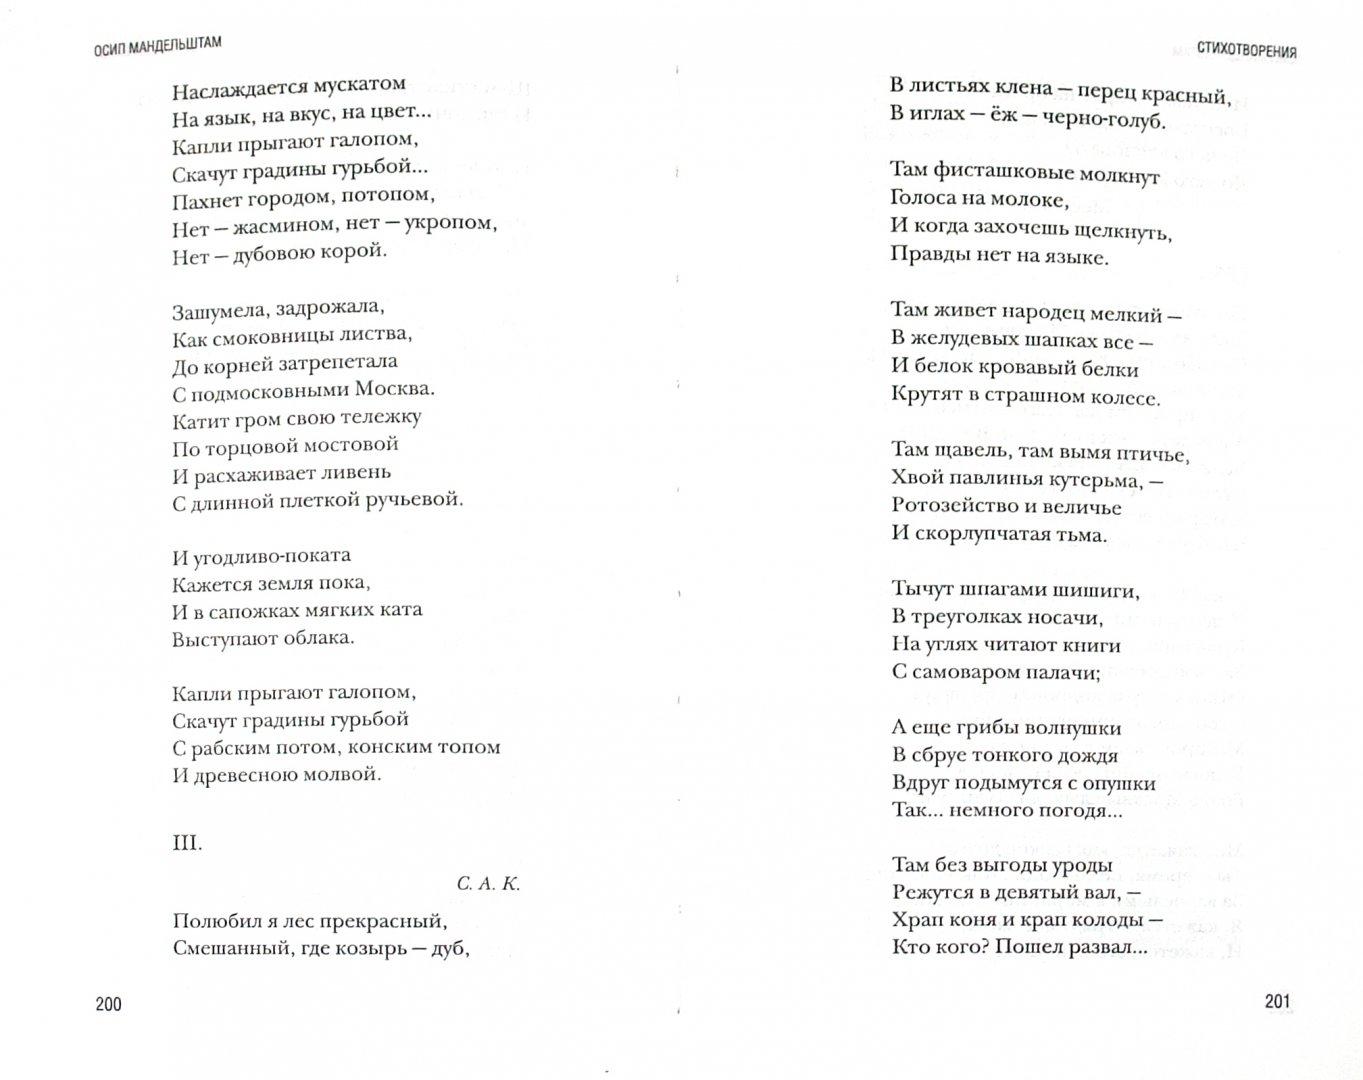 Иллюстрация 1 из 5 для Стихотворения - Осип Мандельштам | Лабиринт - книги. Источник: Лабиринт